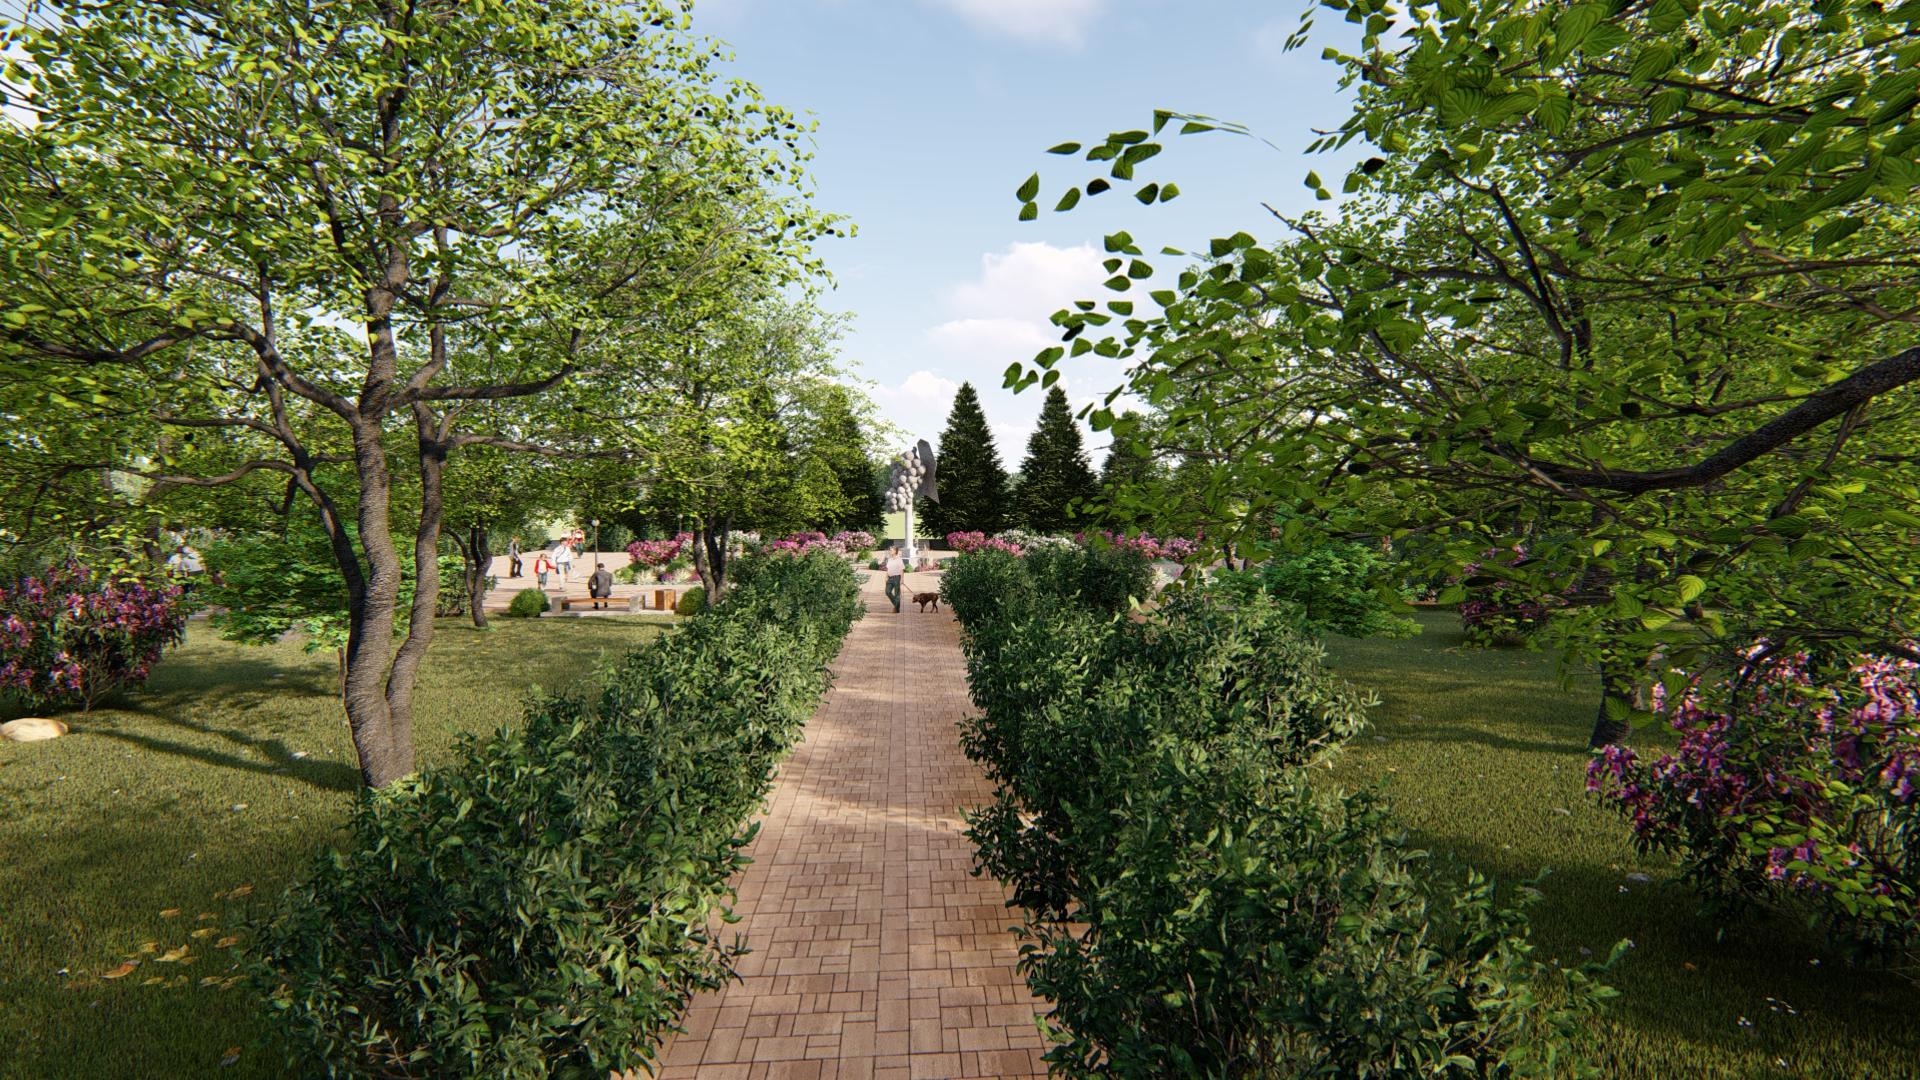 पार्क में सुधार ArchiCAD Other में प्रस्तुत छवि